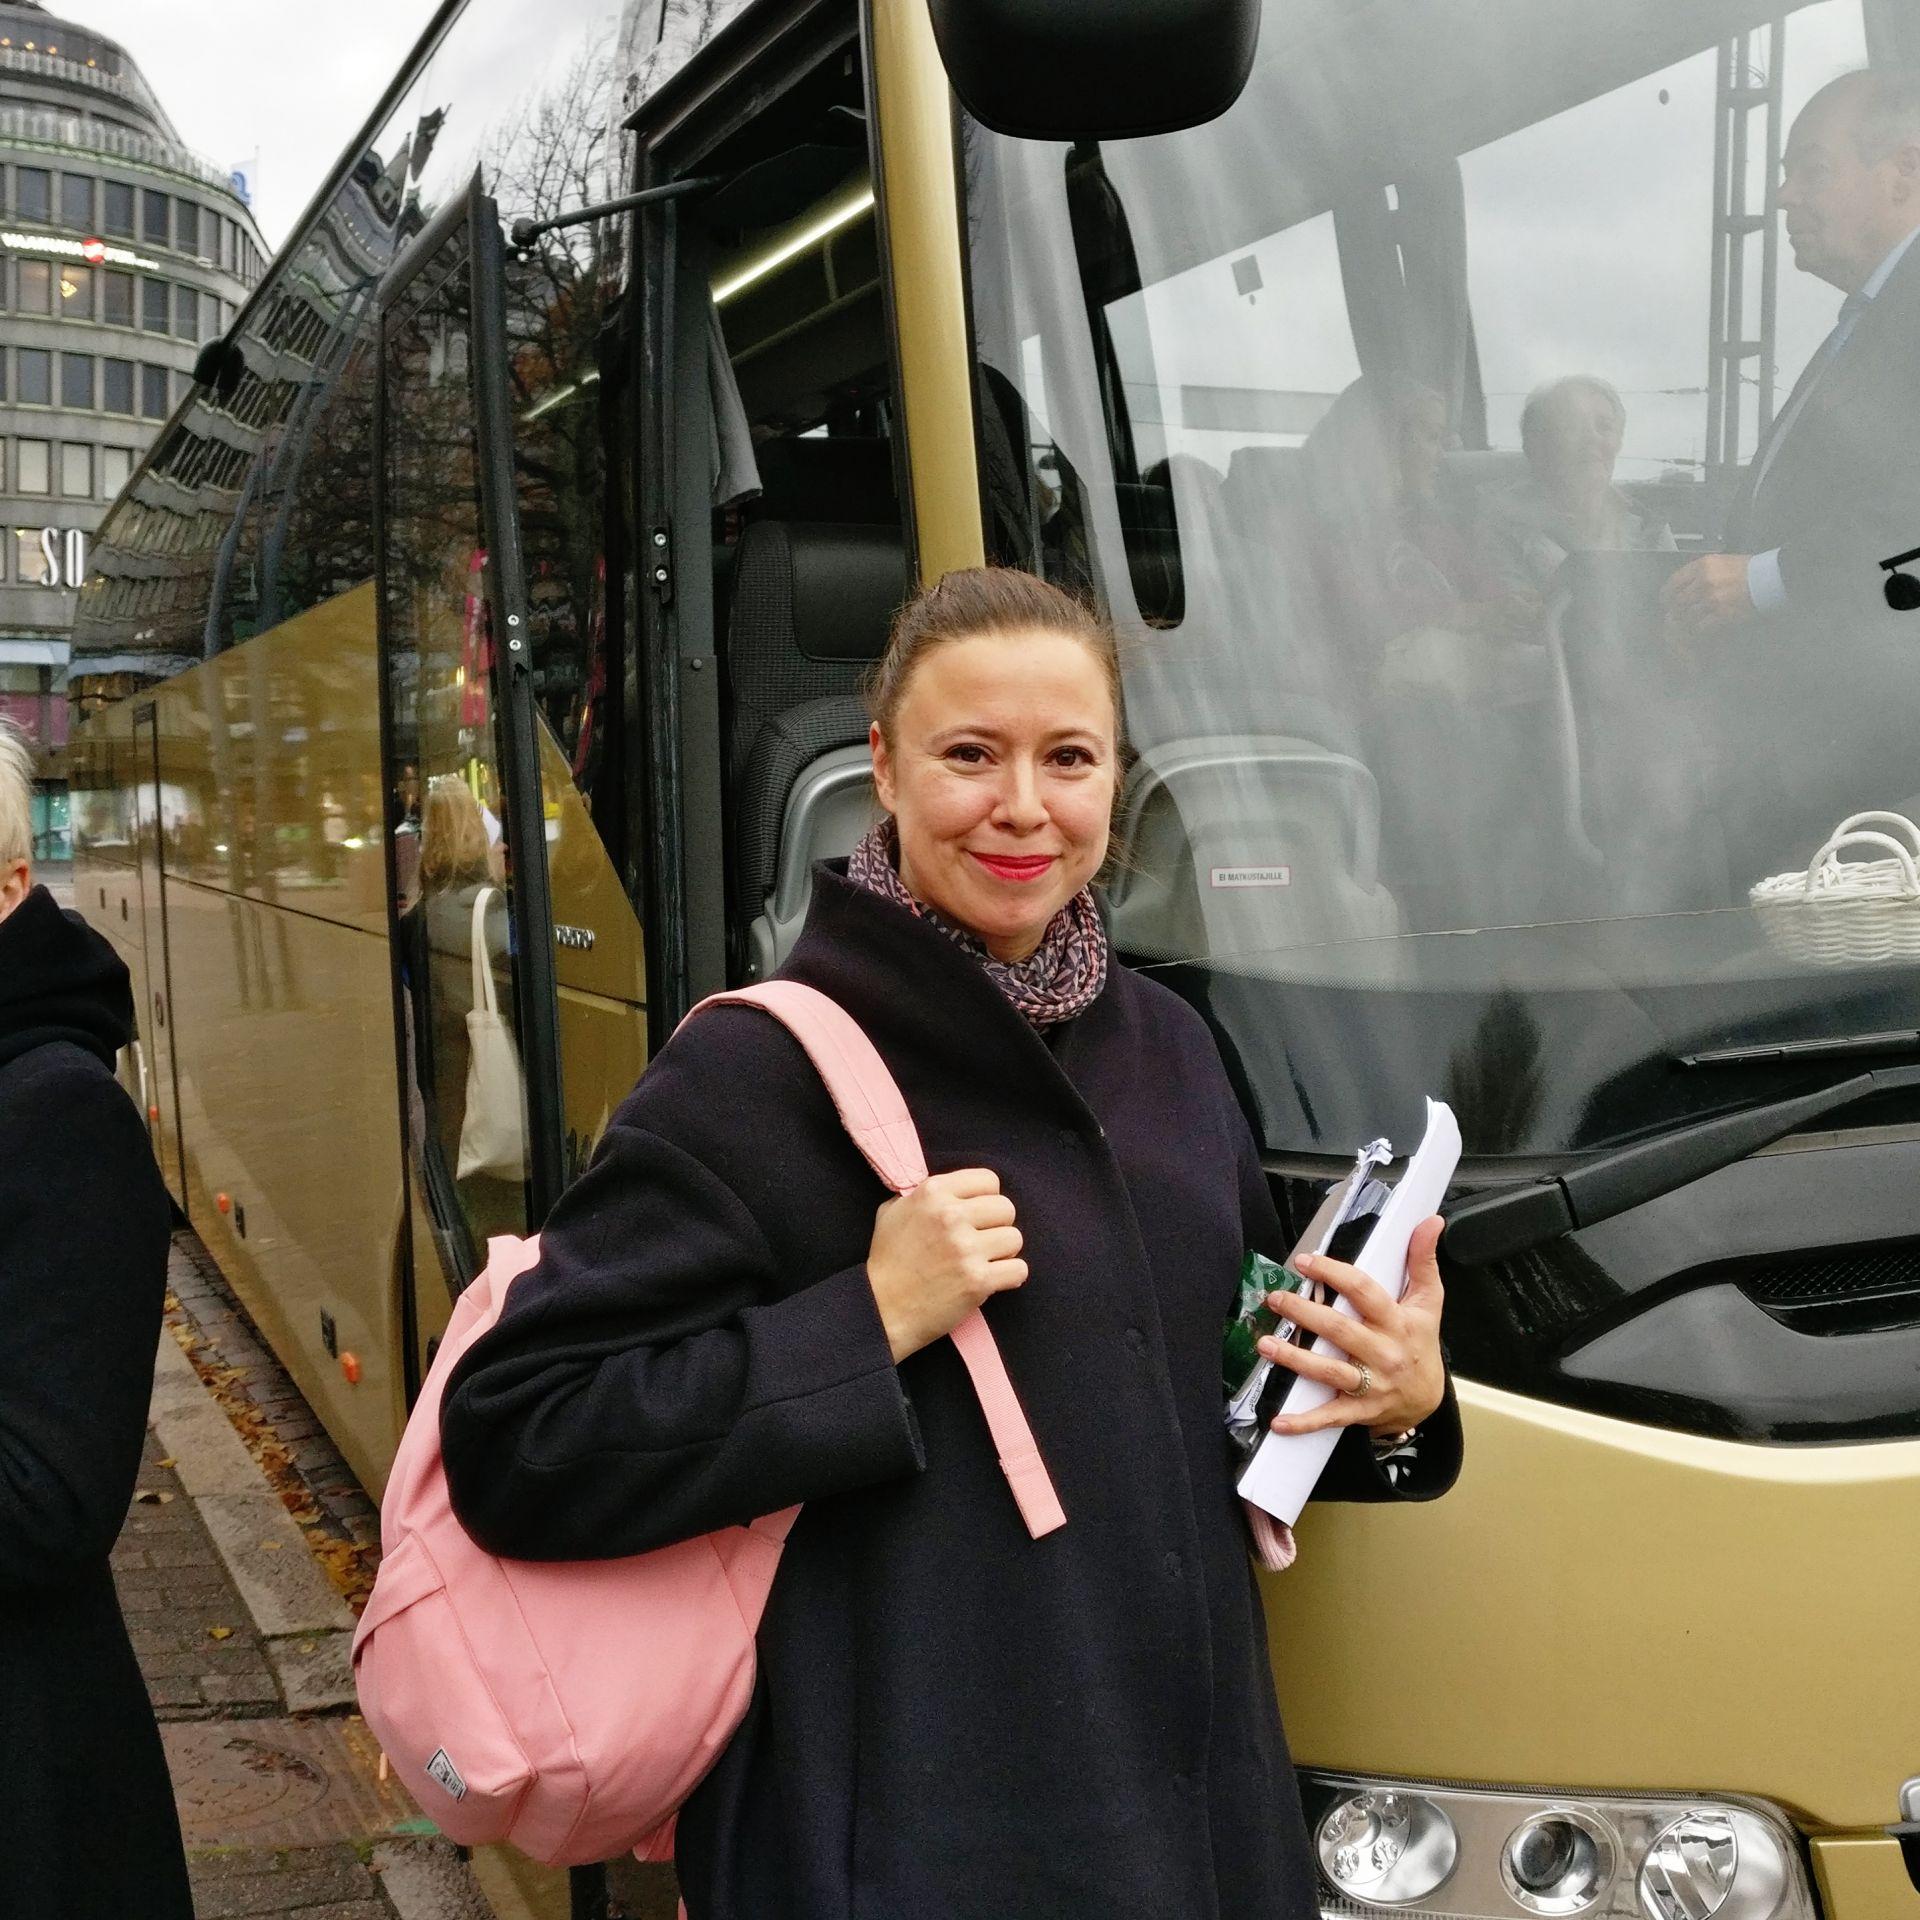 Kvinna i 30-40 års åldern med rosa ryggsäck som står framför en buss.